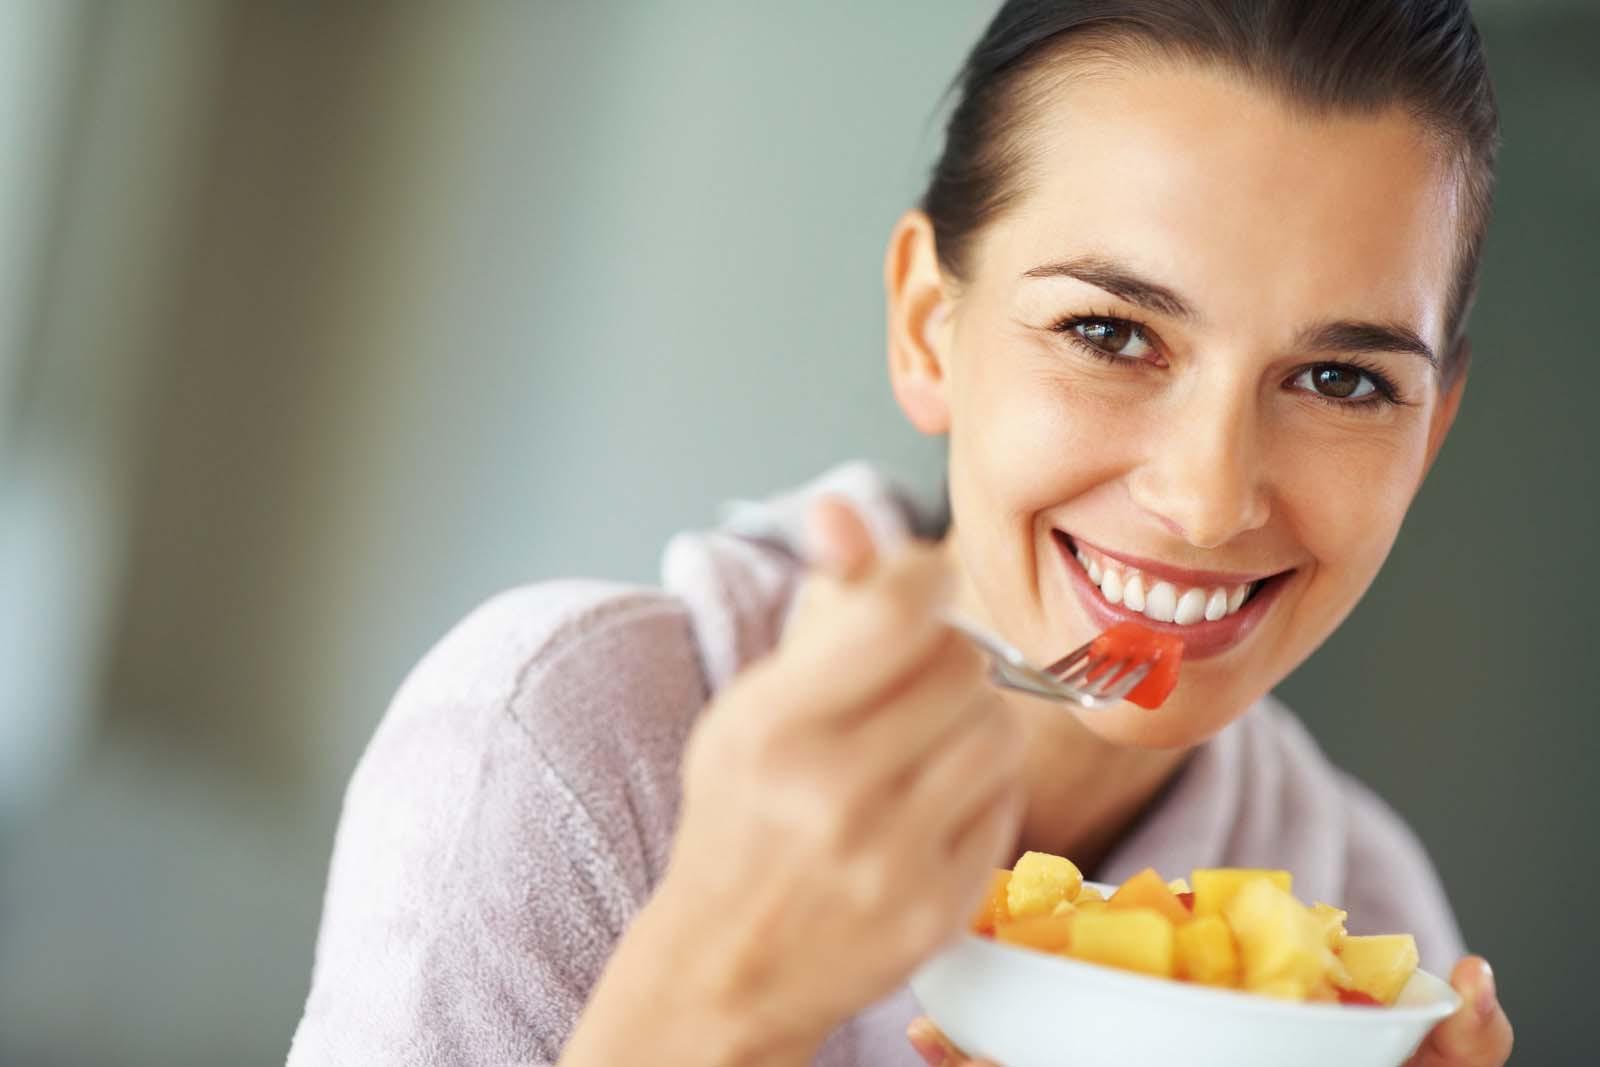 آخرین یافته ها در مورد رژیم غذایی سالم